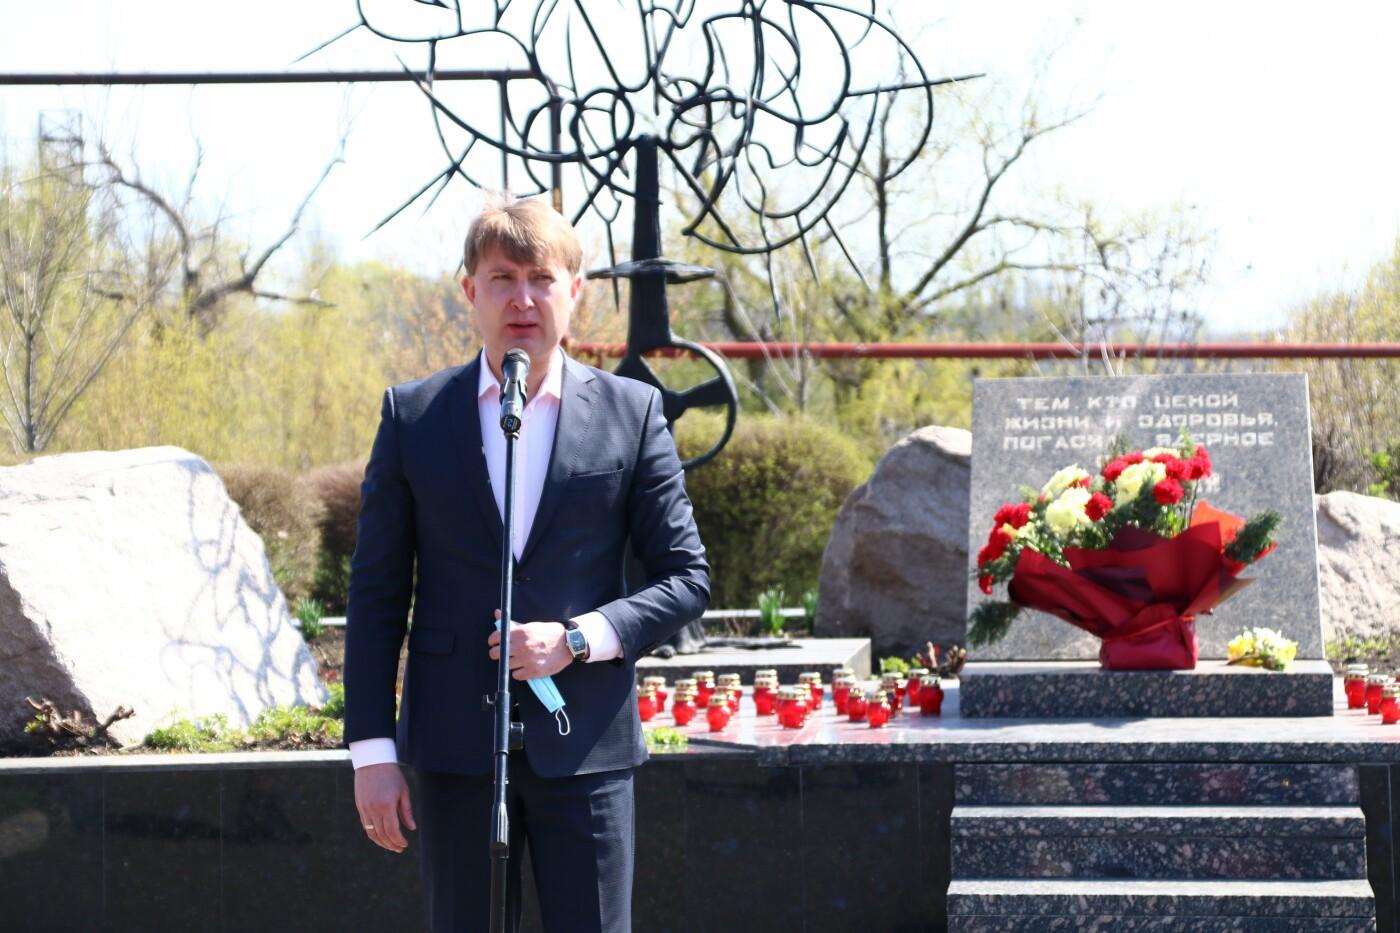 35-я годовщина трагедии: в Мирнограде почтили память ликвидаторов аварии на ЧАЭС, фото-6